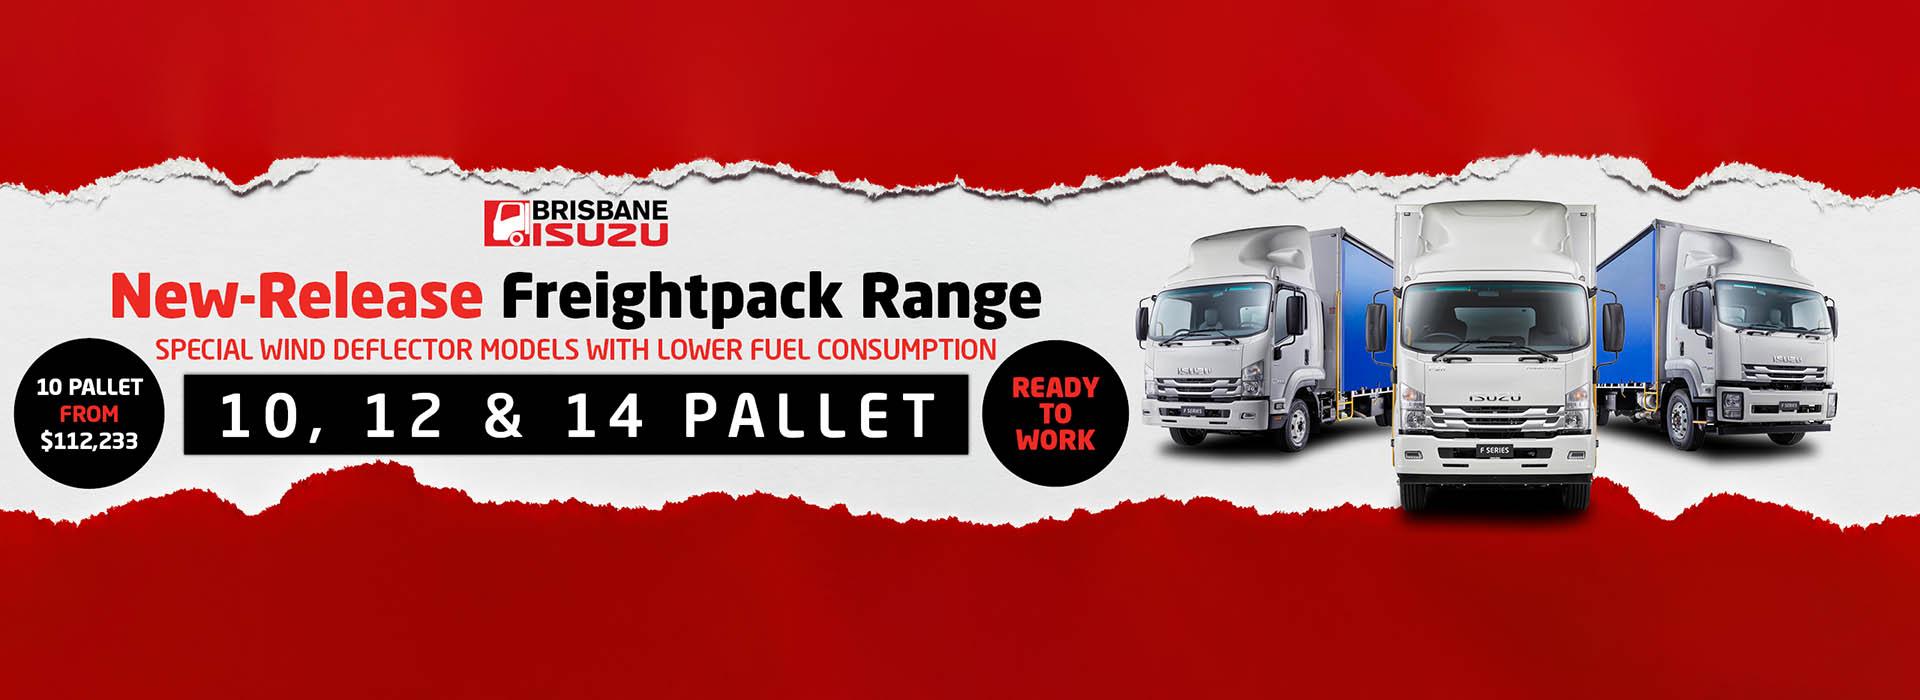 Brisbane Isuzu New Release Freight Pack